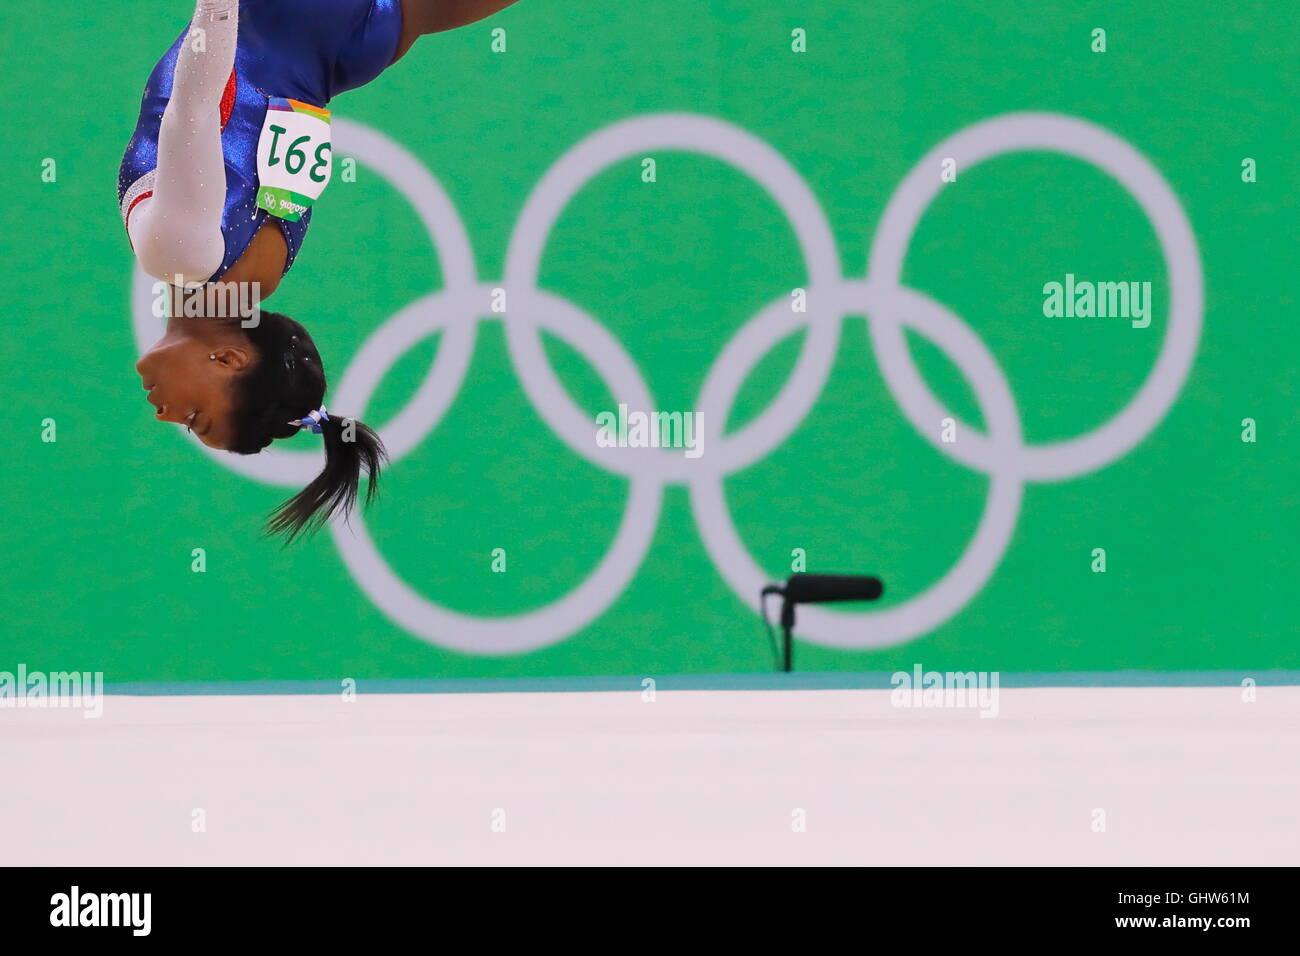 Rio de Janeiro, Brésil. Août 11, 2016. Simone Biles (USA): gymnastique artistique finale concours Photo Stock